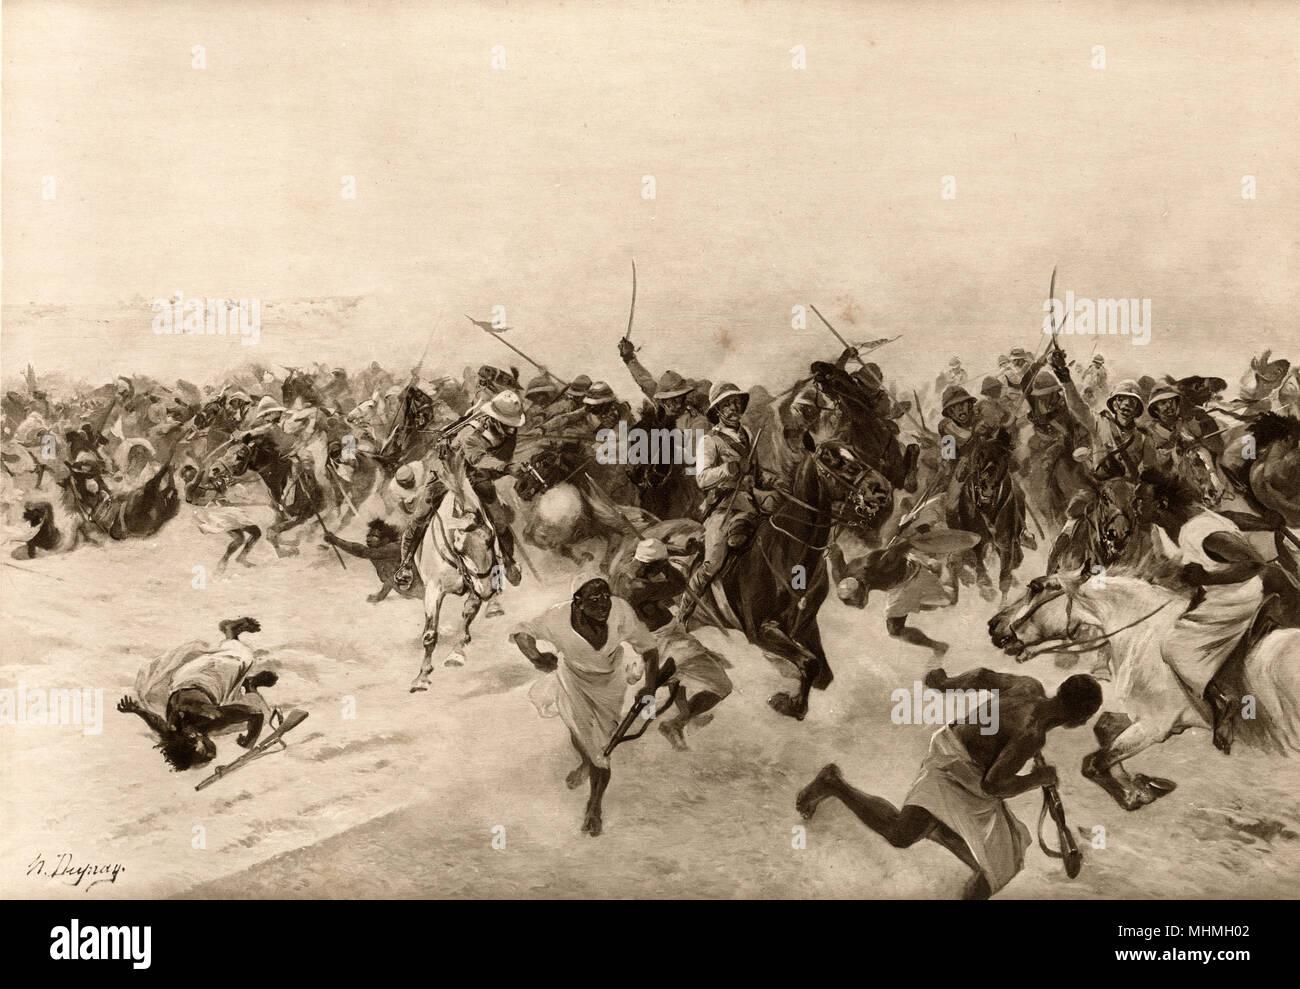 Batalla de Omdurman : la carga de los Lancers Fecha: 2 de septiembre de 1898 Foto de stock